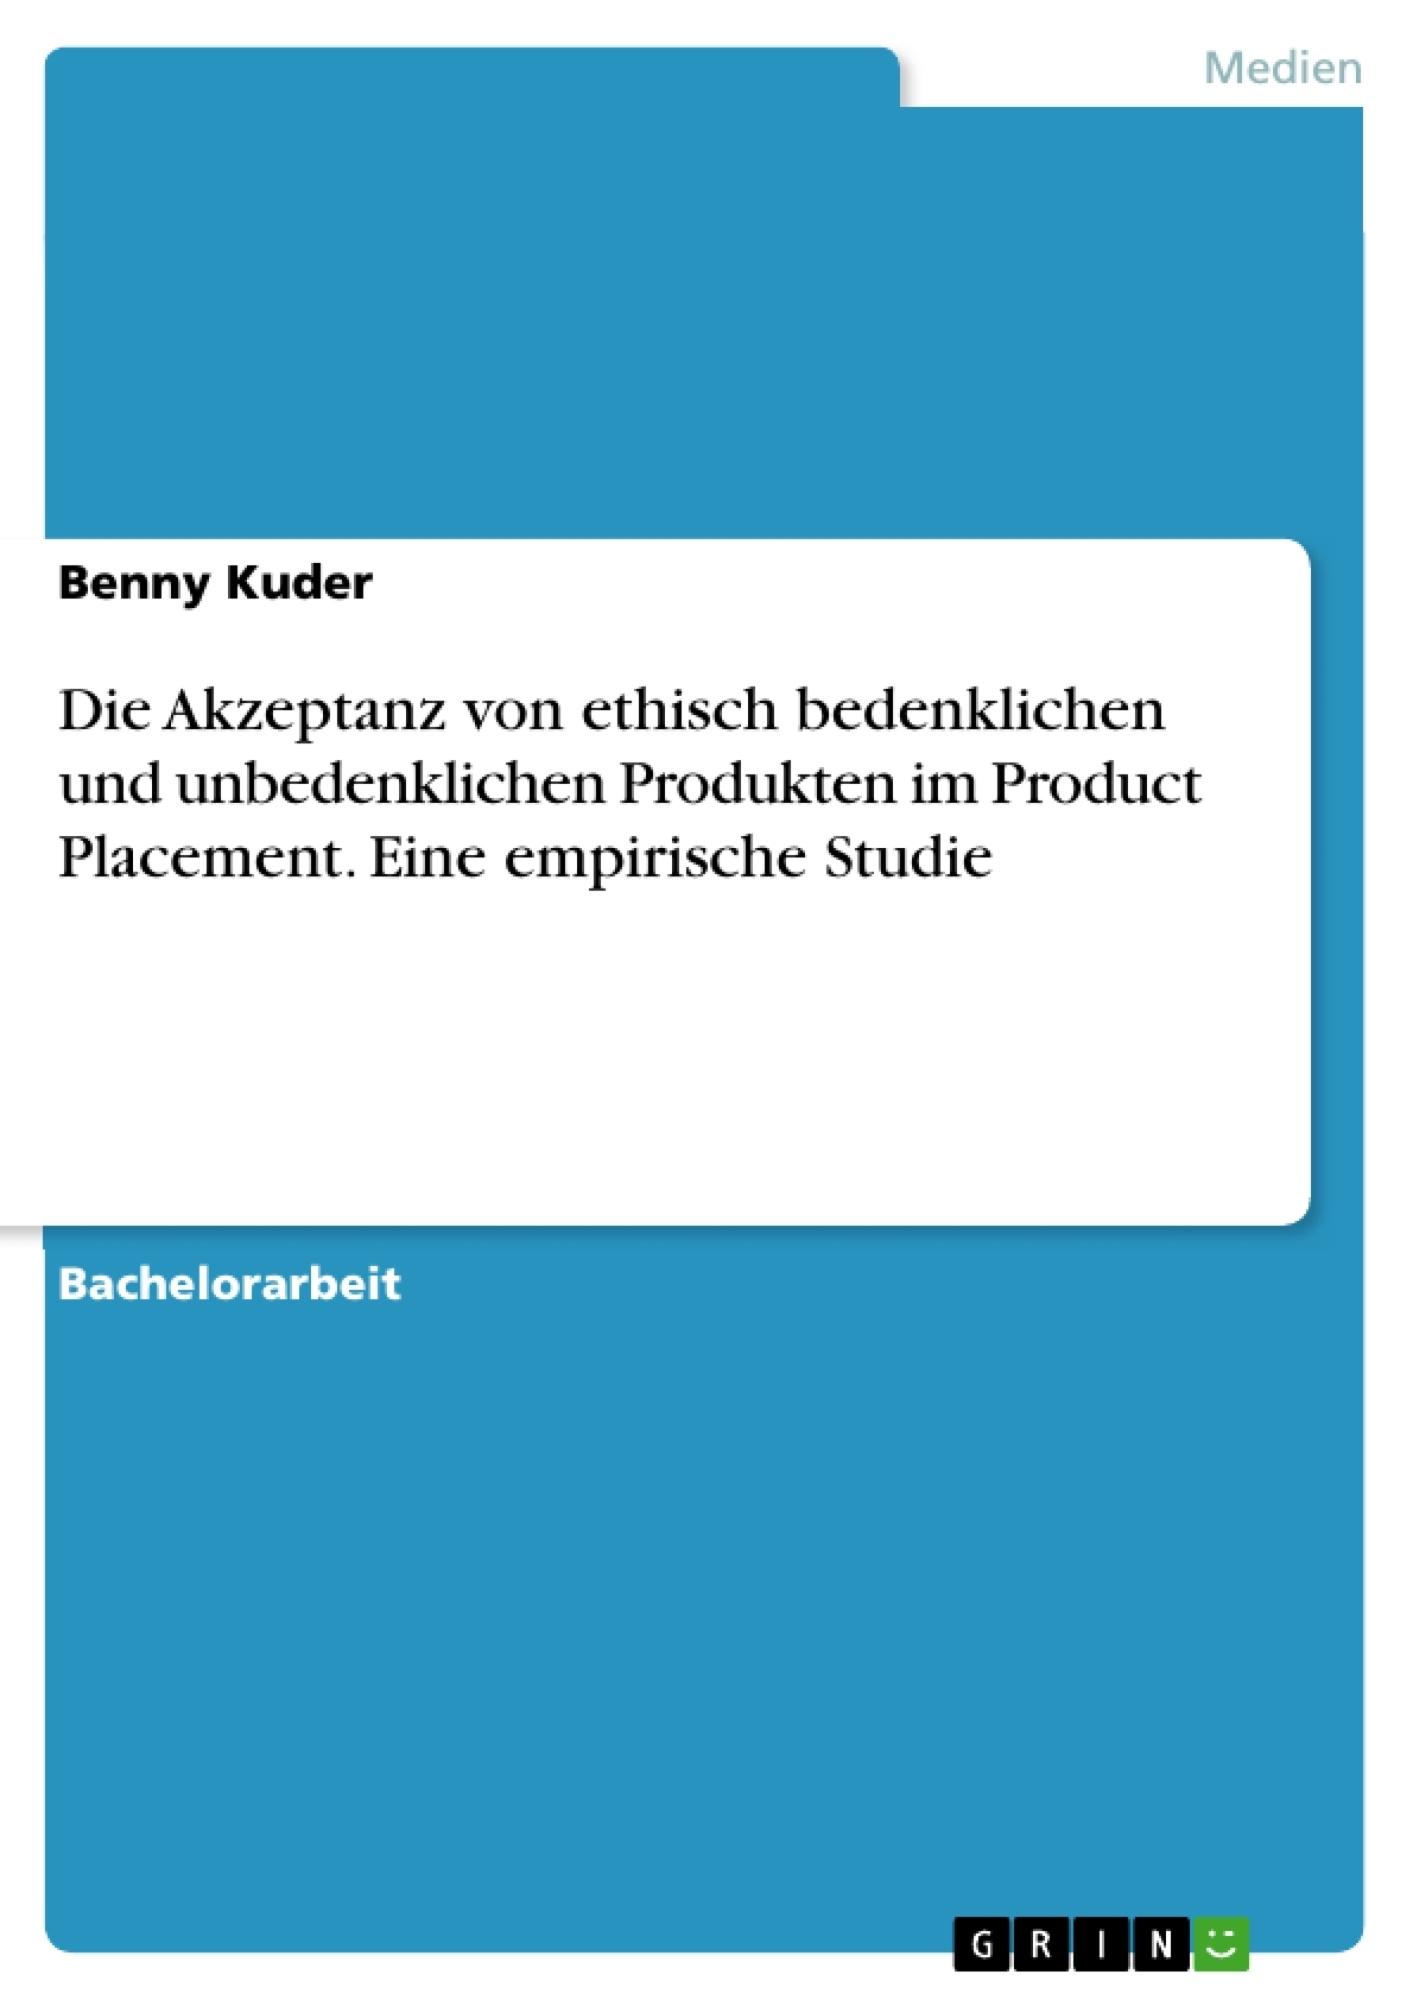 Titel: Die Akzeptanz von ethisch bedenklichen und unbedenklichen Produkten im Product Placement. Eine empirische Studie